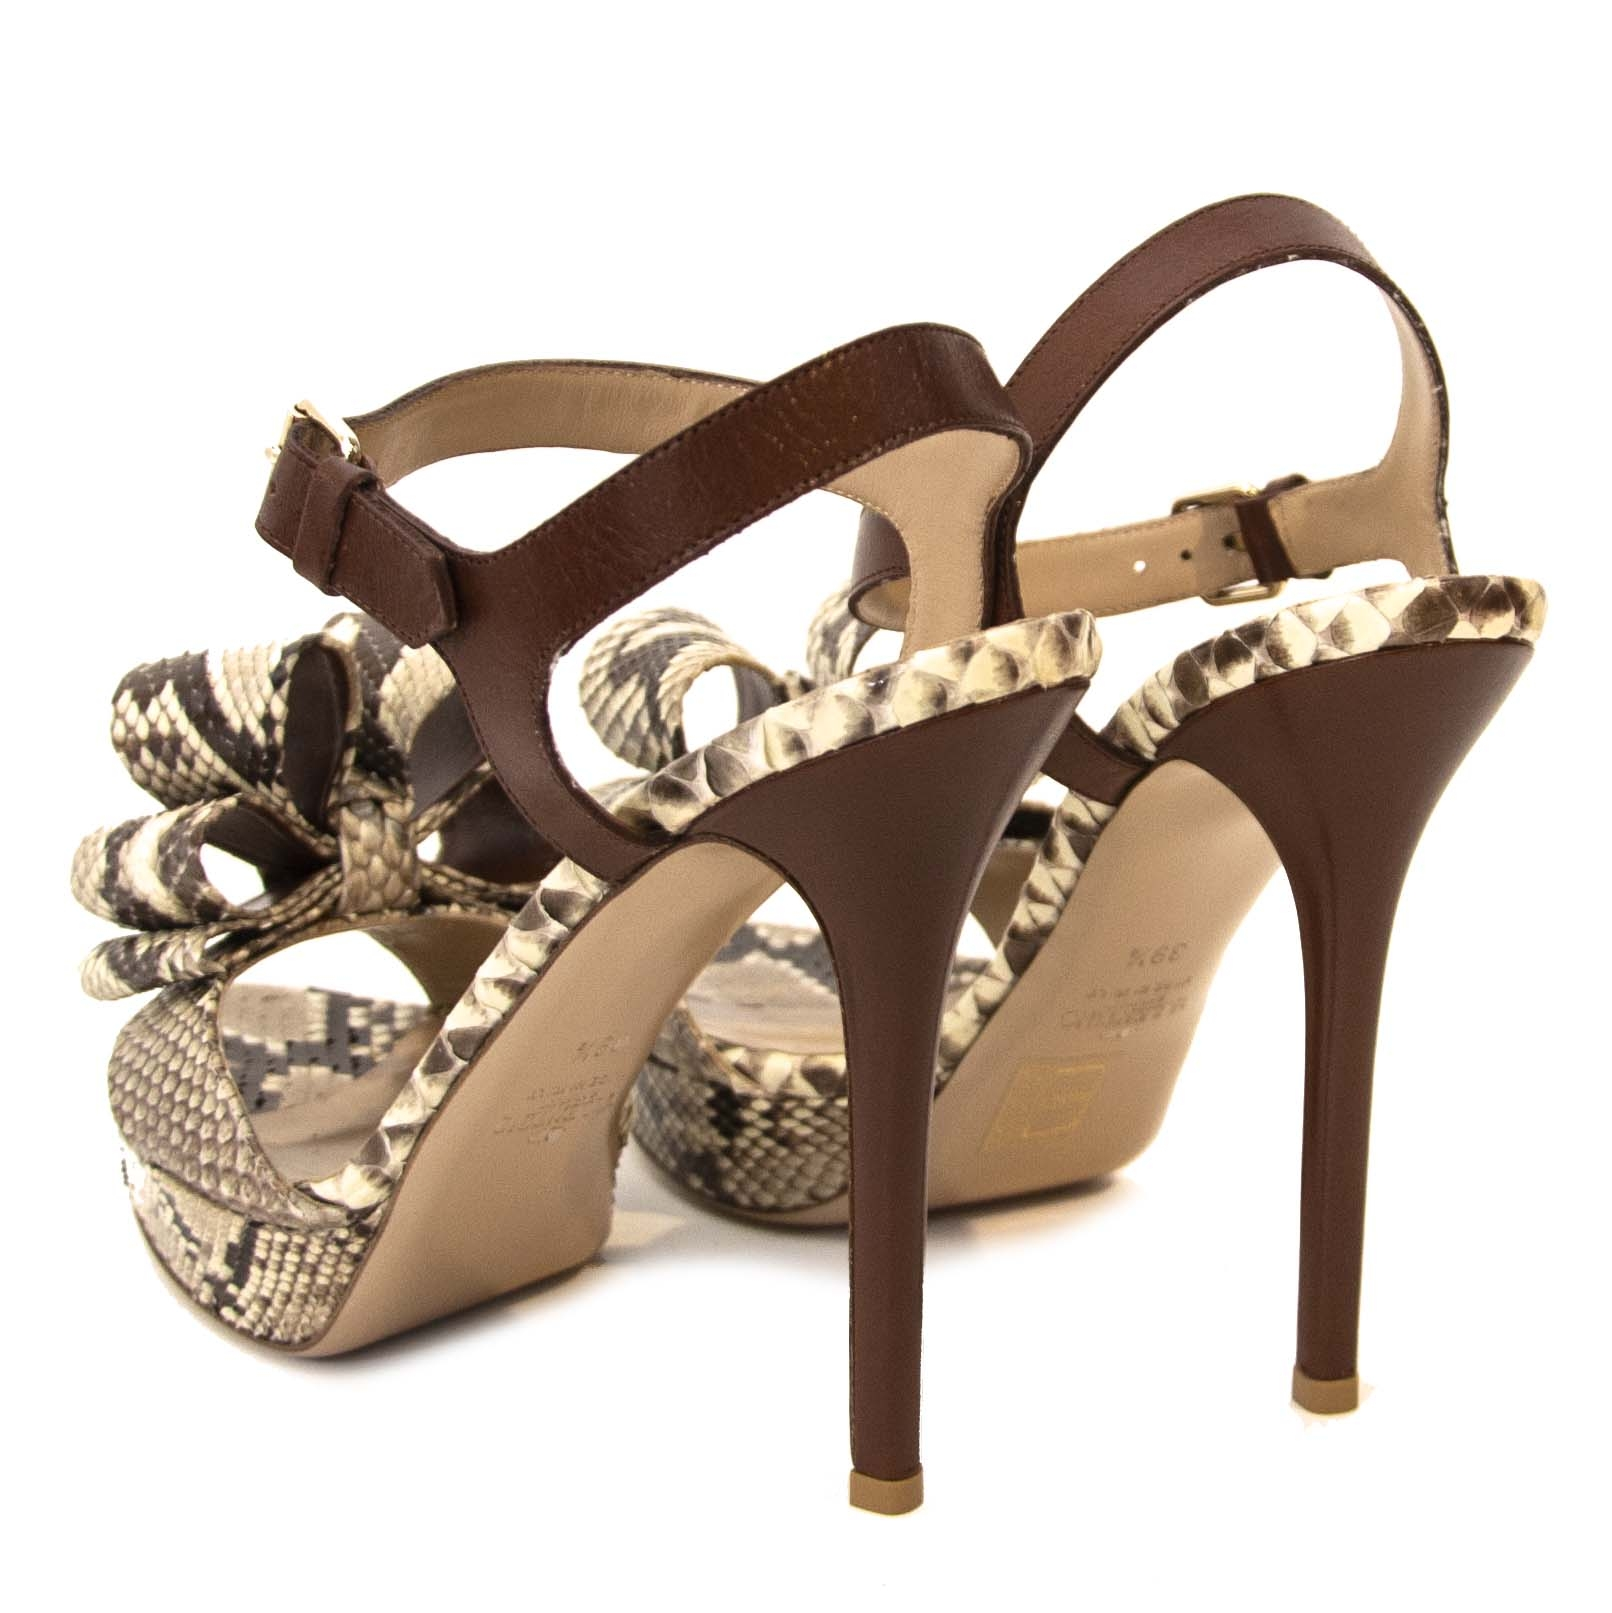 Valentino Python Bow Heels - size 39.5 kopen en verkopen aan de beste prijs bij Labellov tweedehands lue in Antwerpen